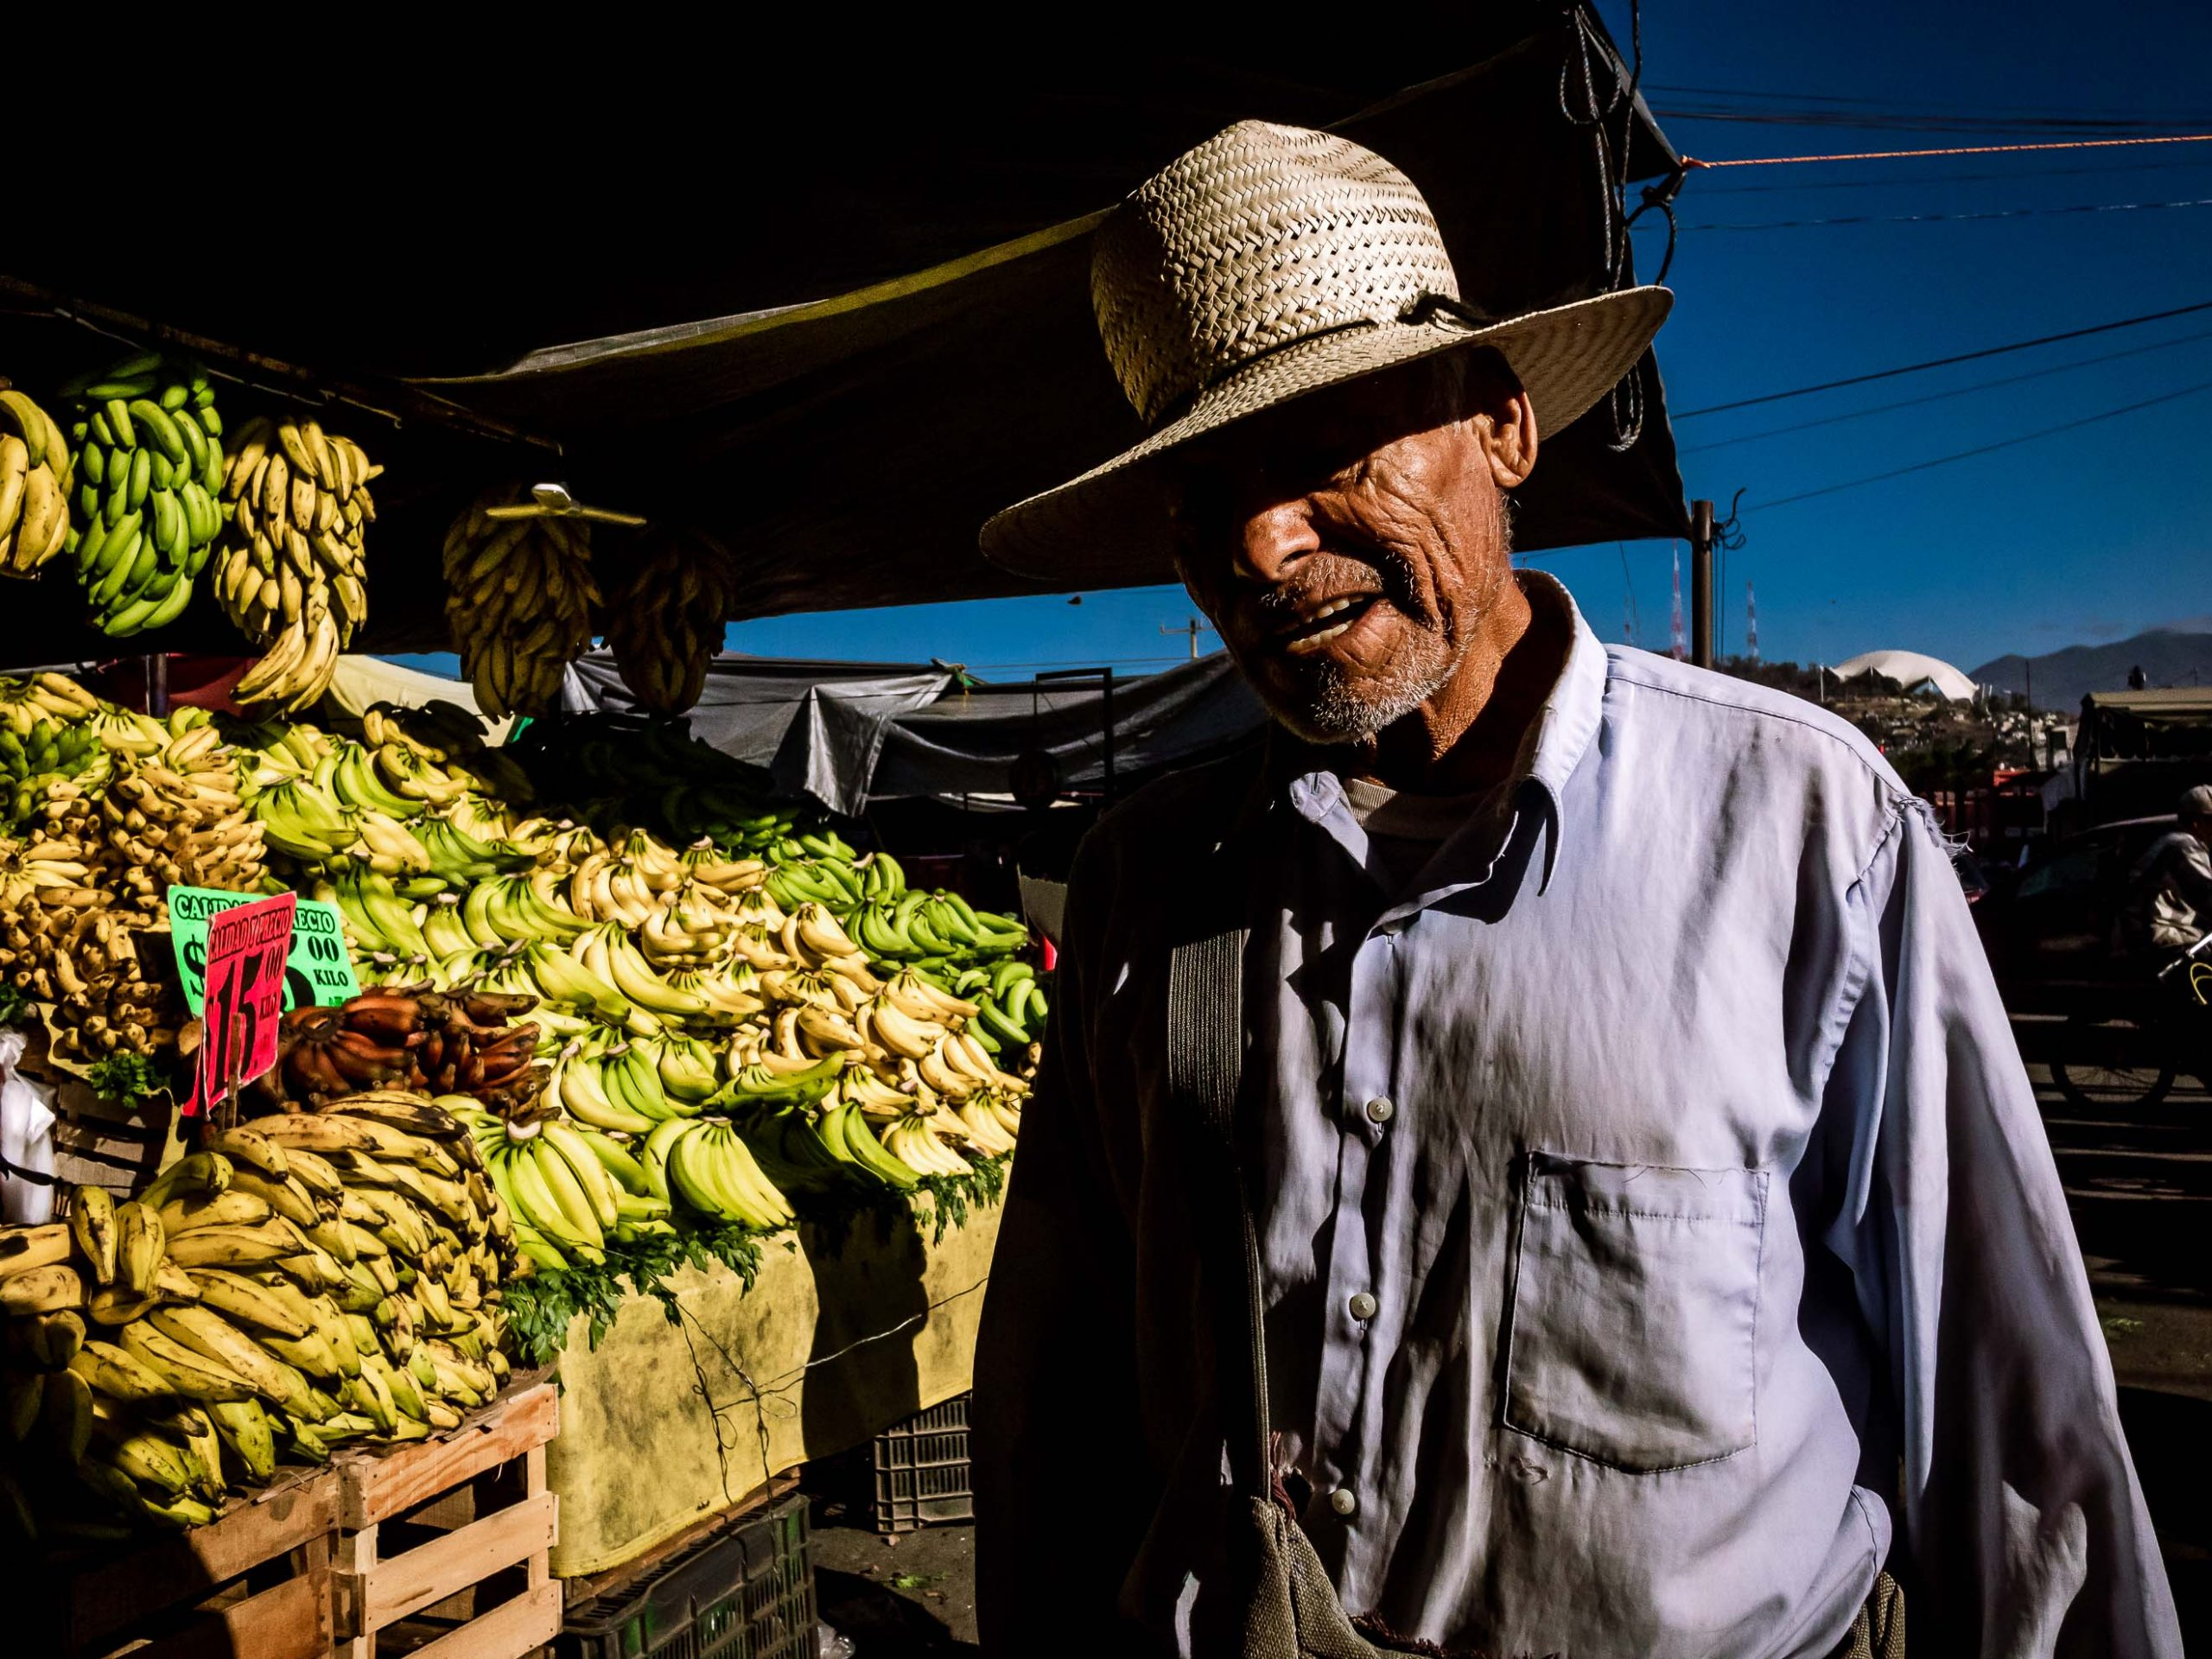 Mann morgens auf dem Markt in Oxaca, Mexiko